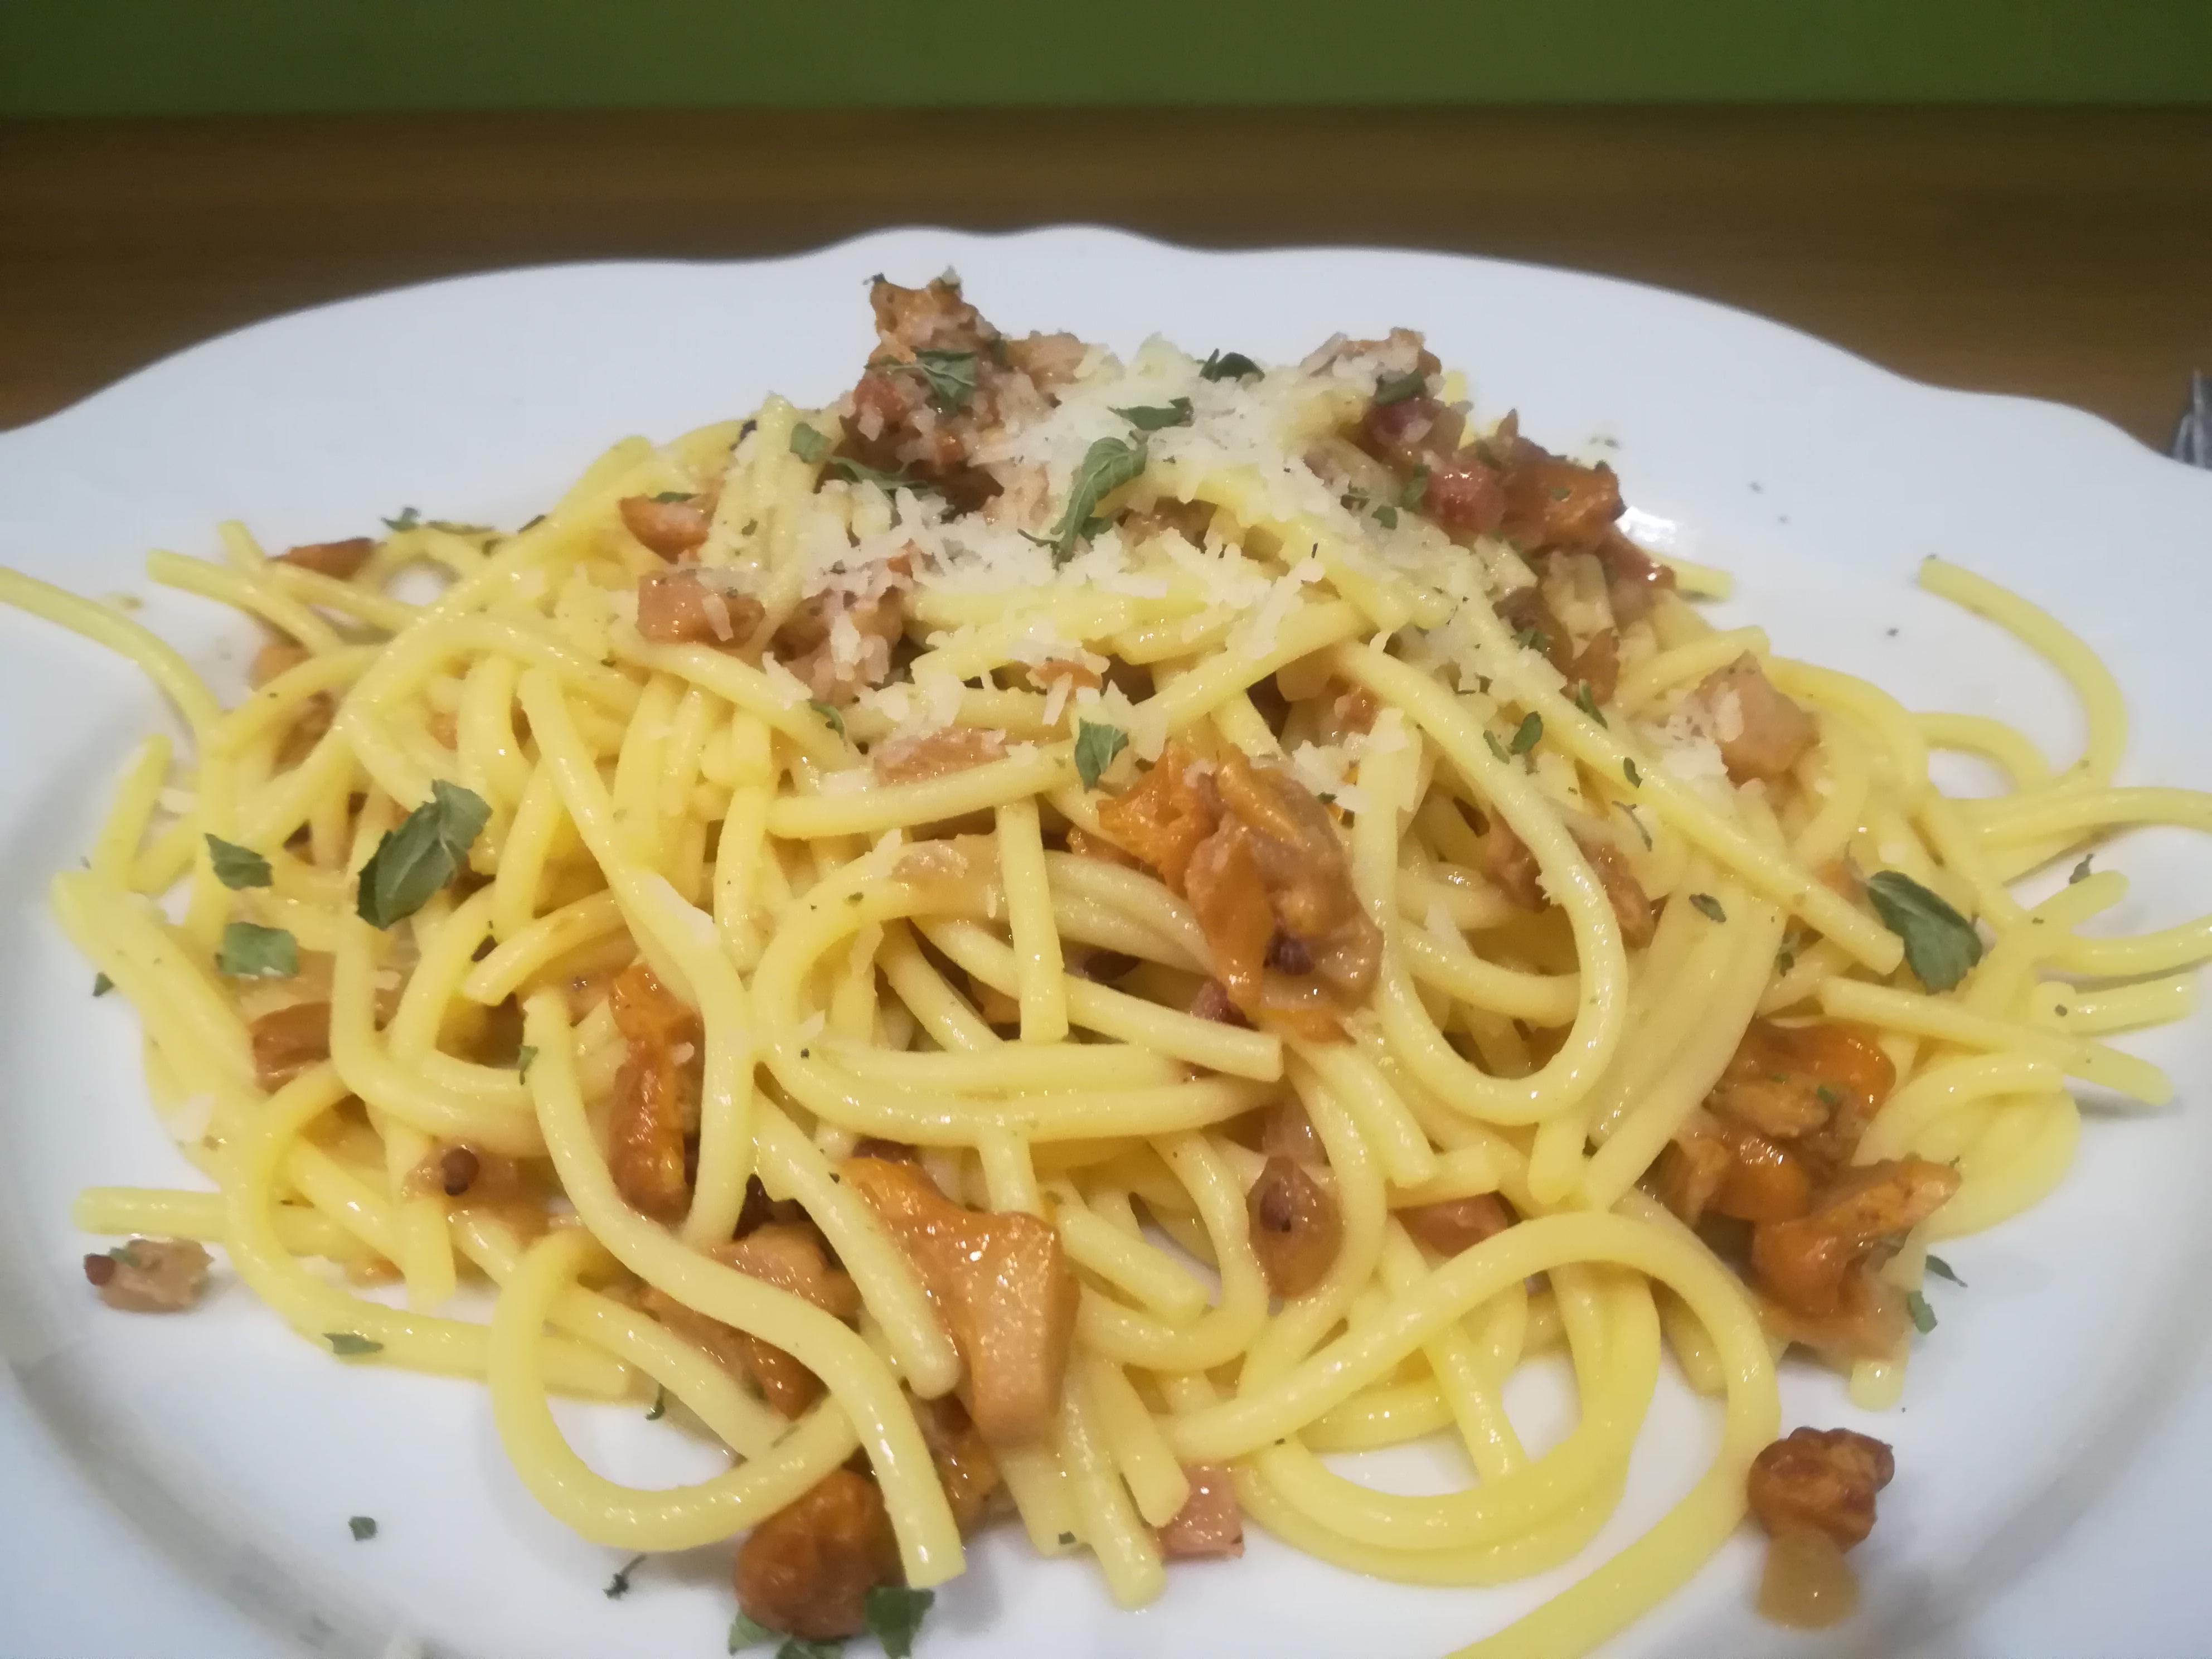 Spaghetti Carbonara mit Eierschwammerl angerichtet auf einem Teller